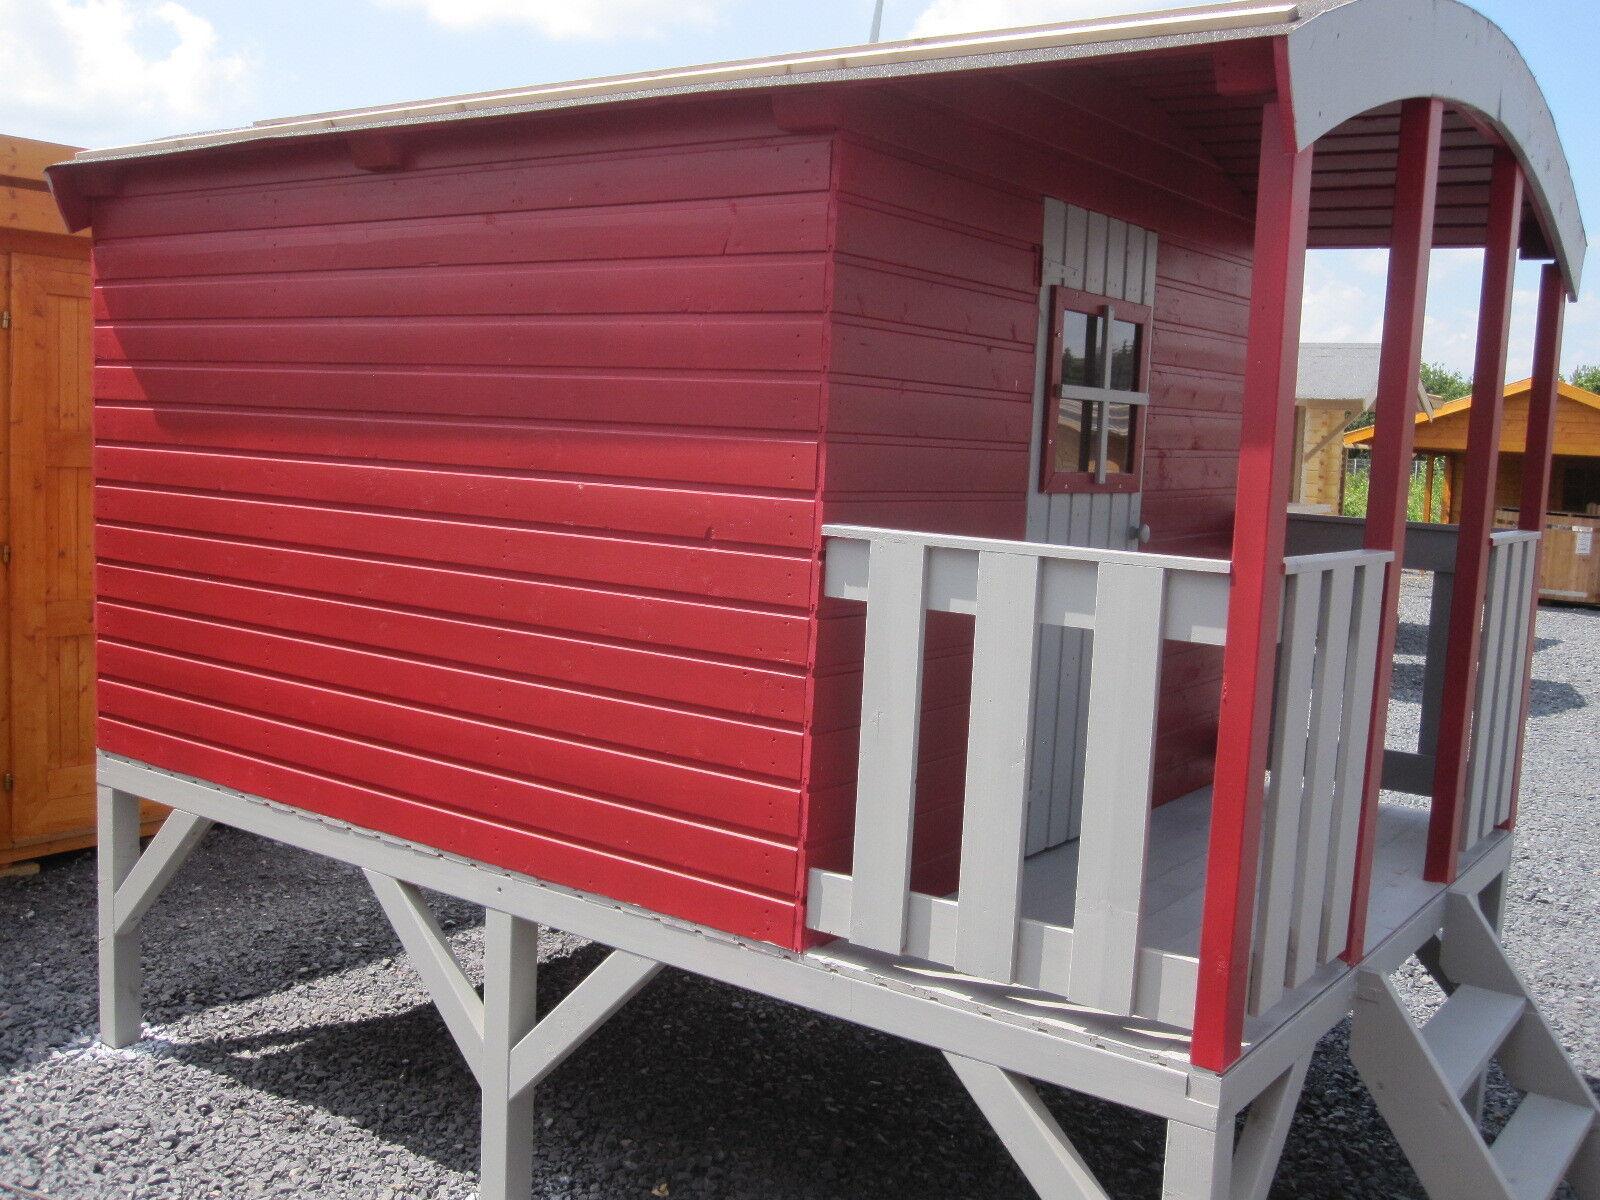 kinderhaus bauwagen zirkuswagen kinderspielhaus gartenhaus. Black Bedroom Furniture Sets. Home Design Ideas